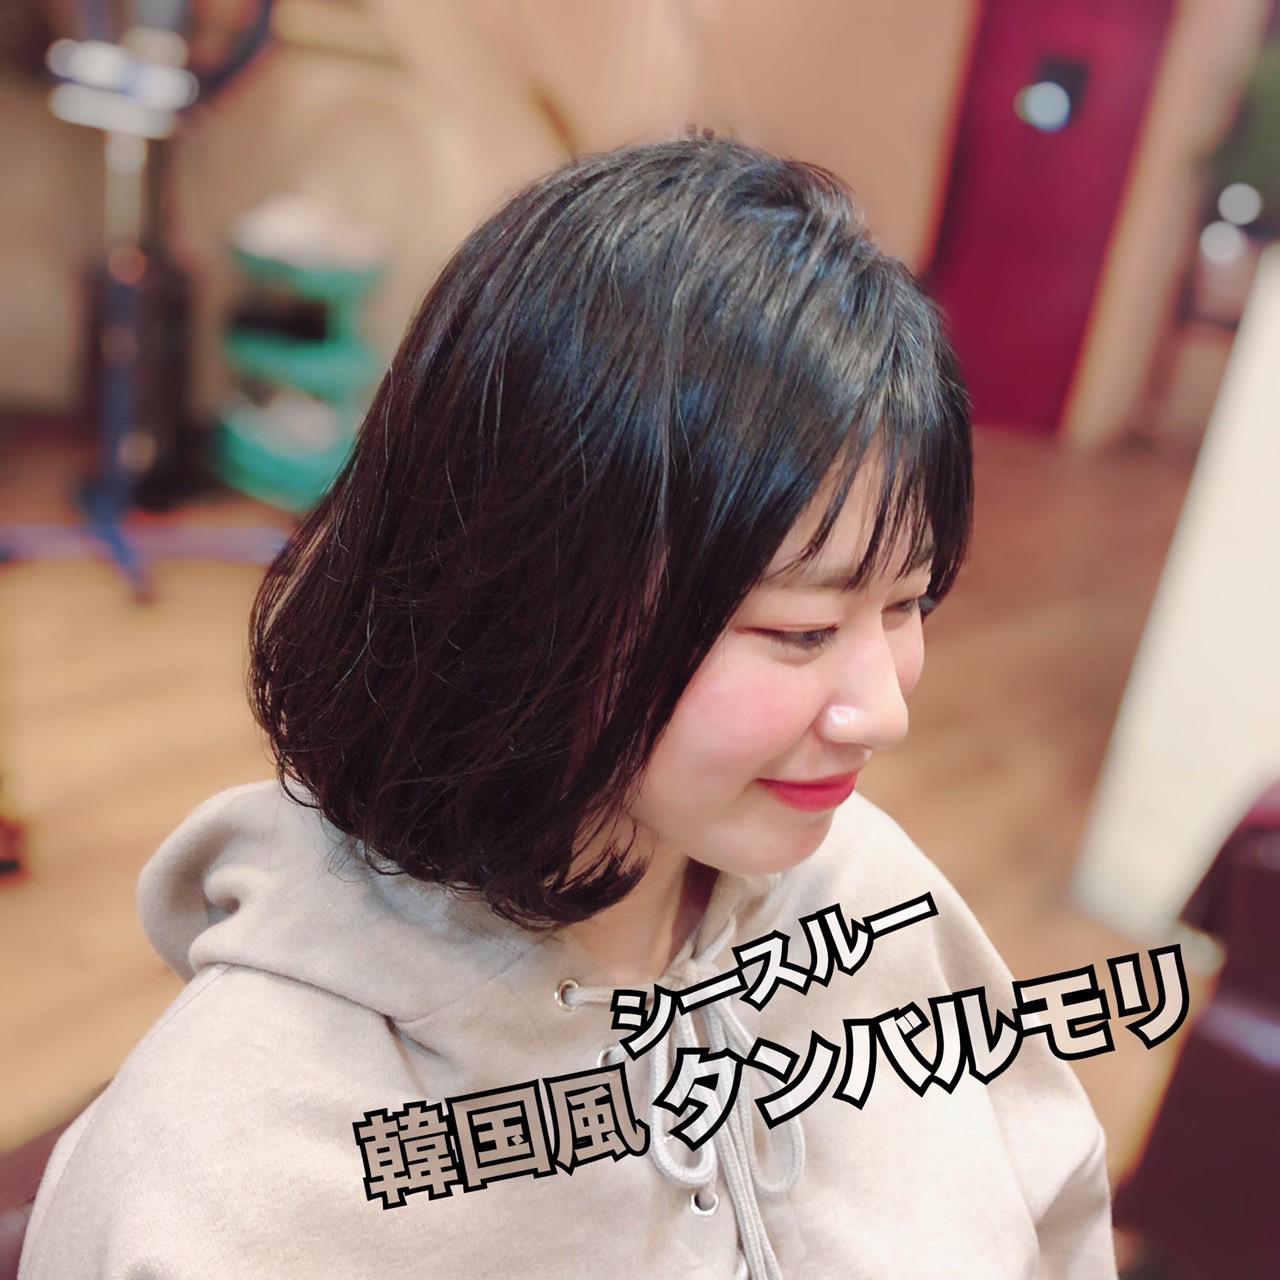 流行の韓国ヘア『タンバルモリ』!!